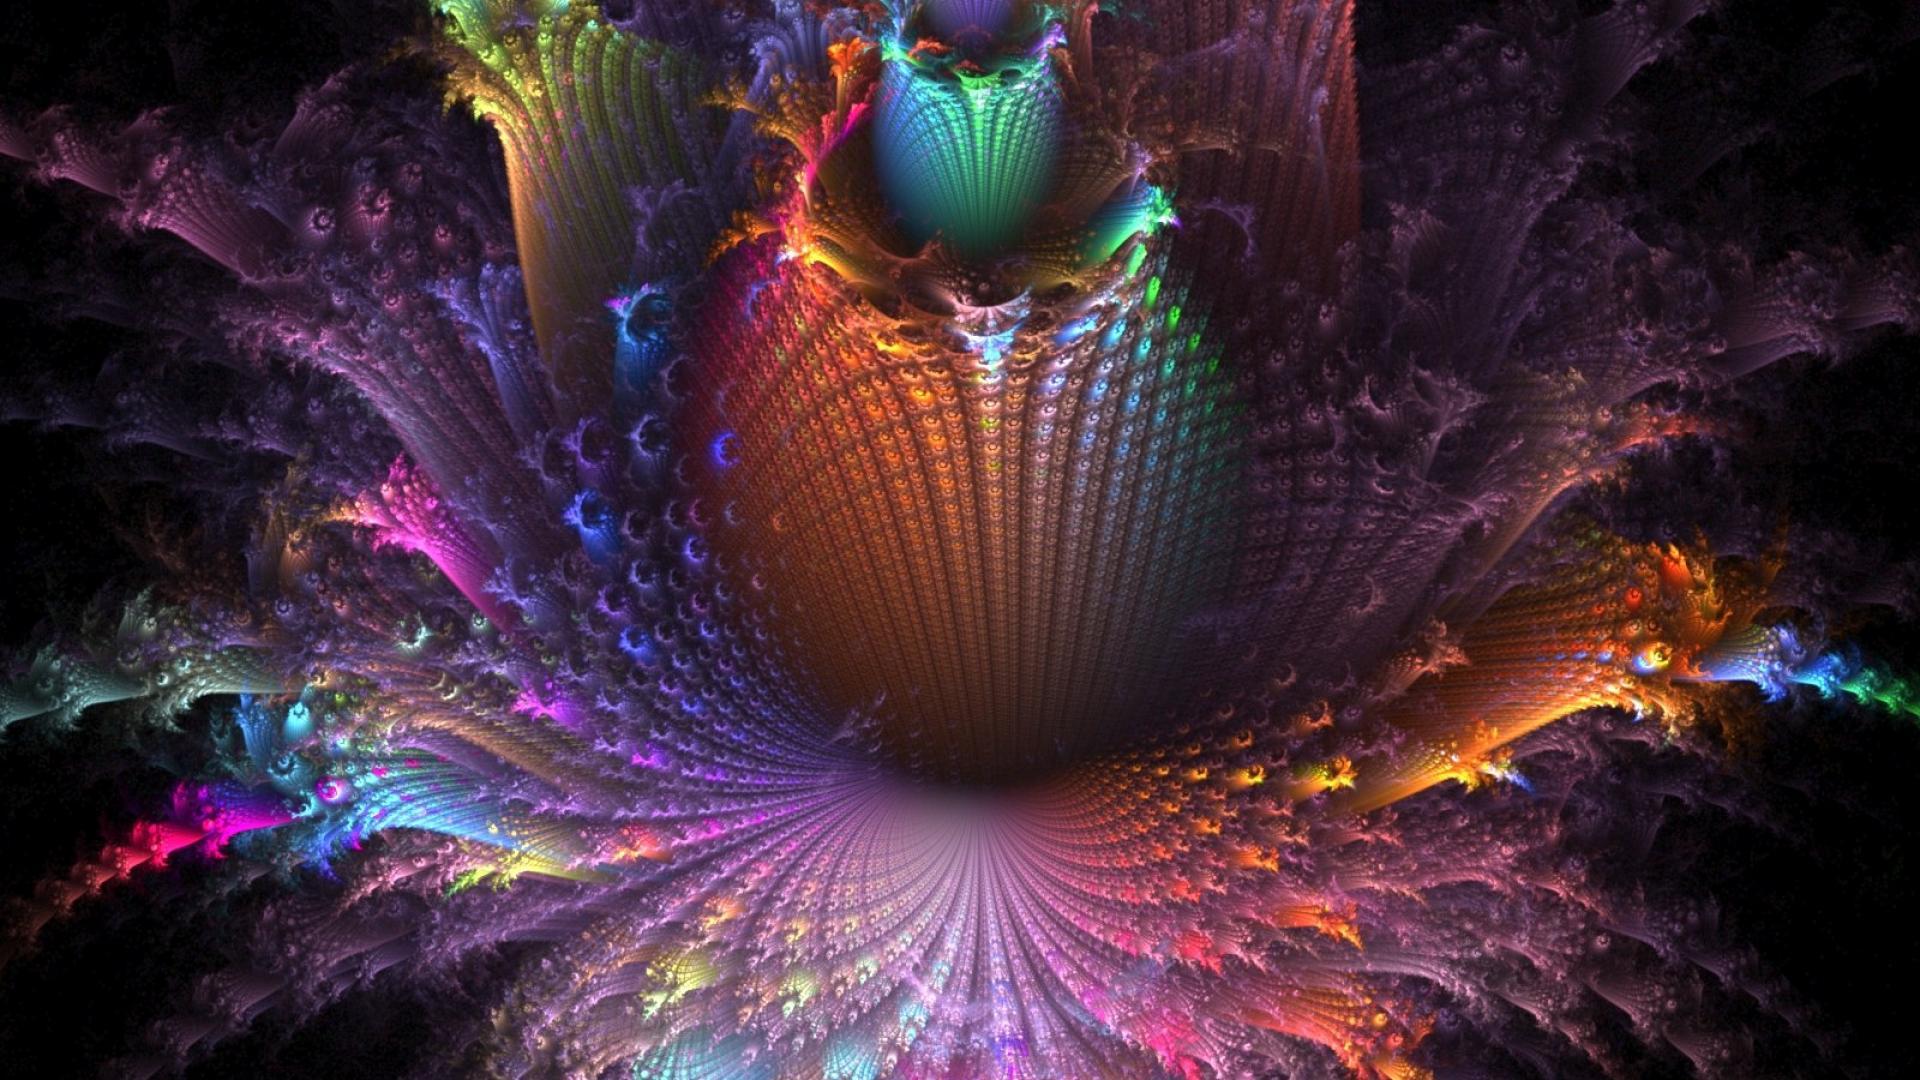 Acid Trip HD Wallpaper 1920x1080